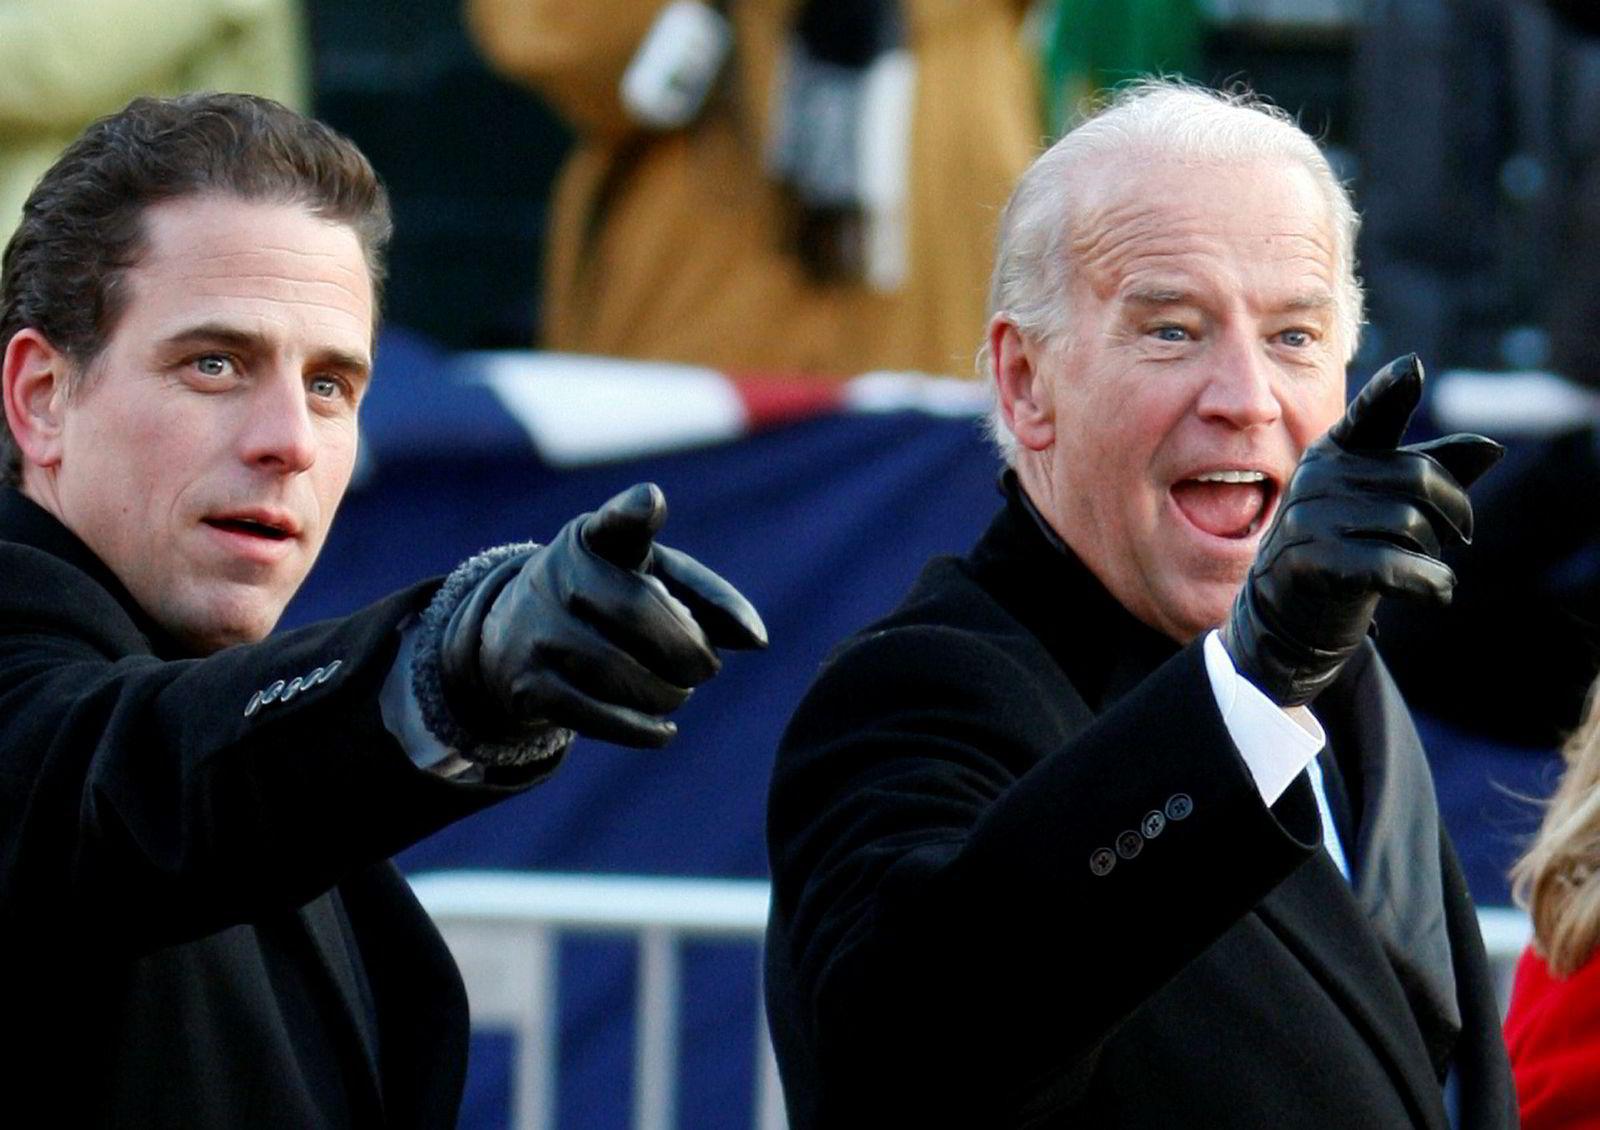 Presidentkandidat og tidligere visepresident Joe Biden, sammen med sønnen Hunter Biden.